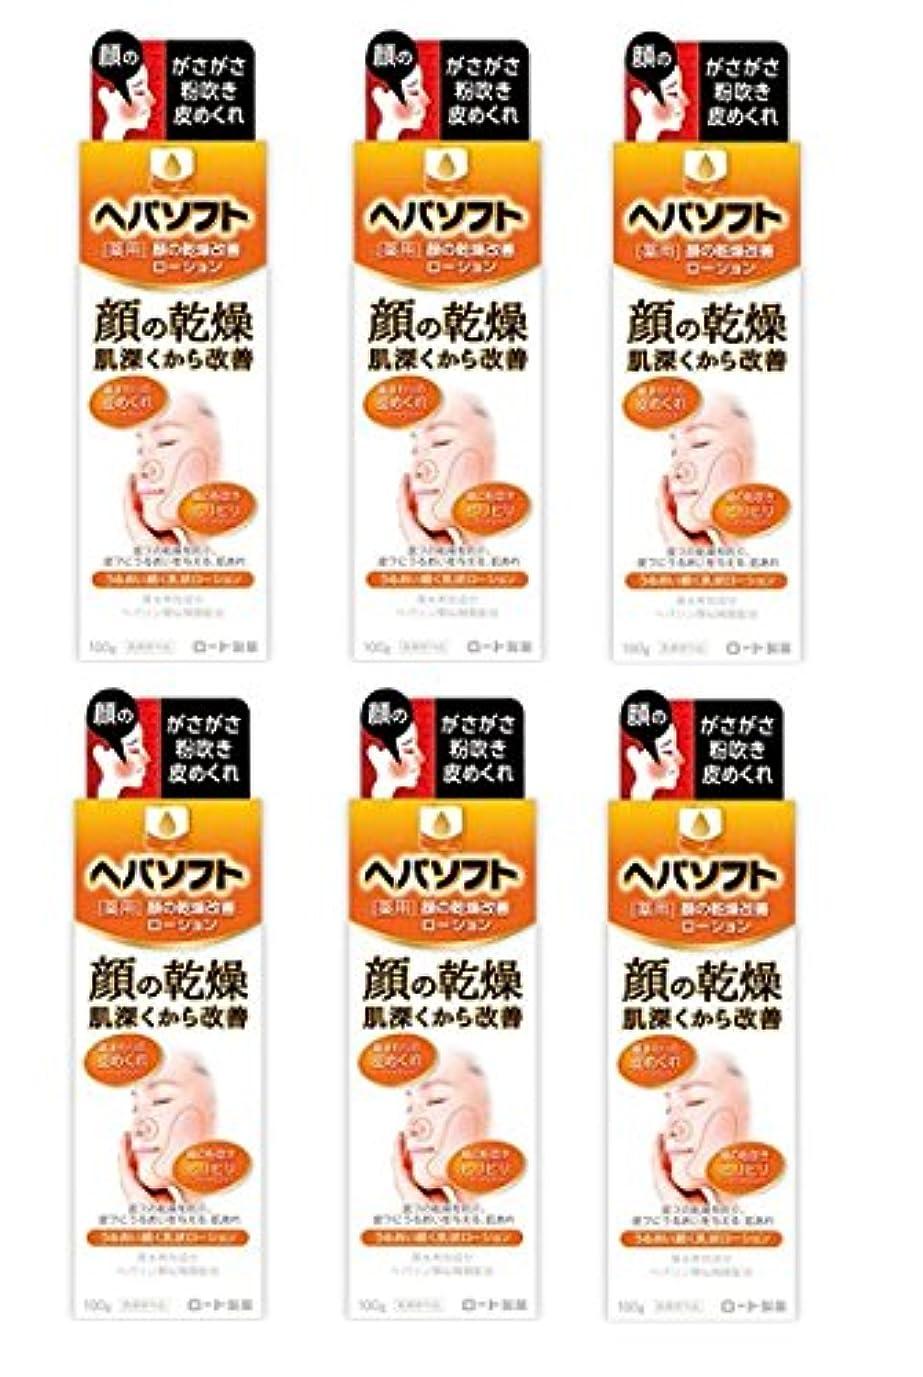 【まとめ買い】ヘパソフト 薬用 顔ローション 100g【医薬部外品】×6個